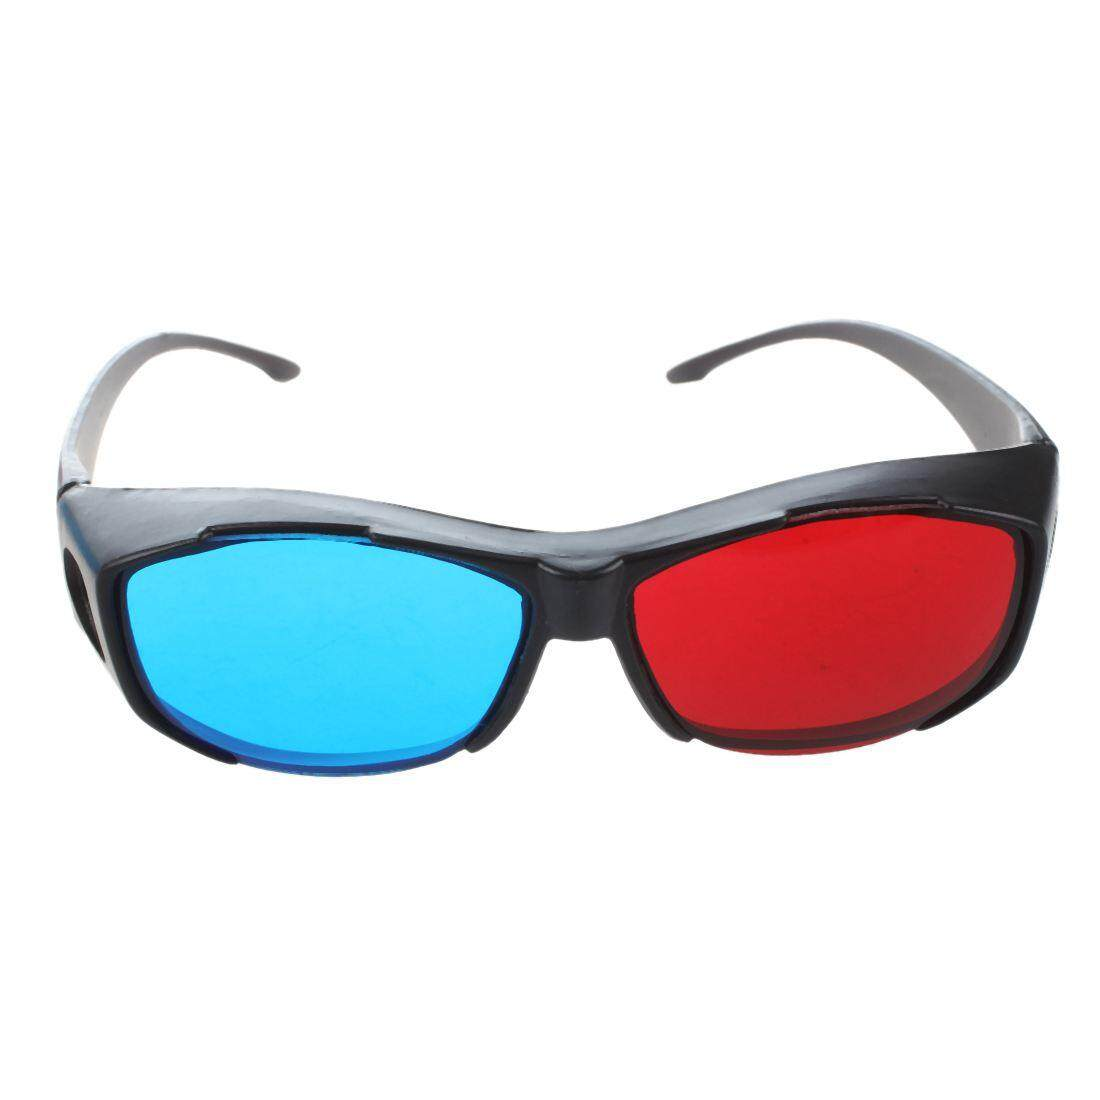 สีแดง - Blue/cyan Anaglyph สไตล์ 3d แว่นตา 3d ภาพยนตร์เกม - พิเศษอัพเกรดสไตล์ (intl) - Intl.